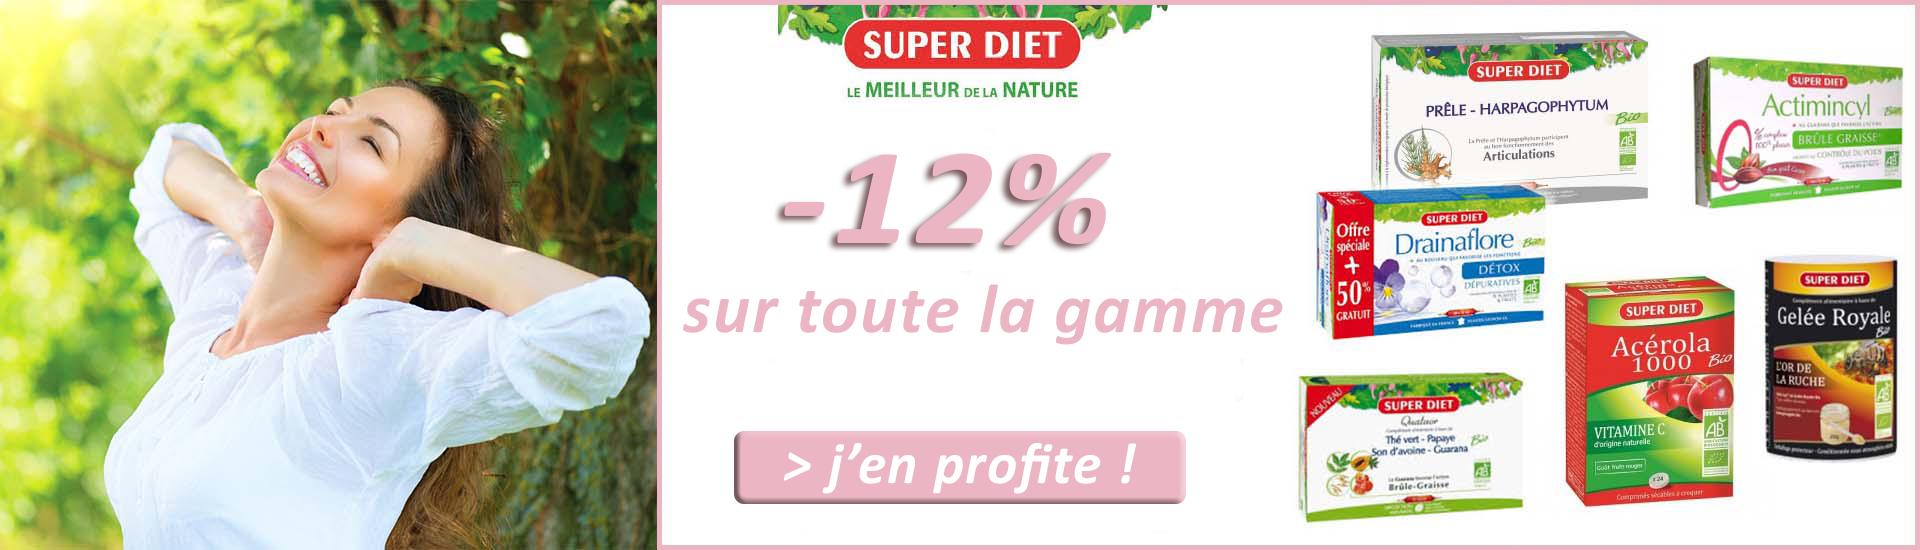 SUPER DIET -12%